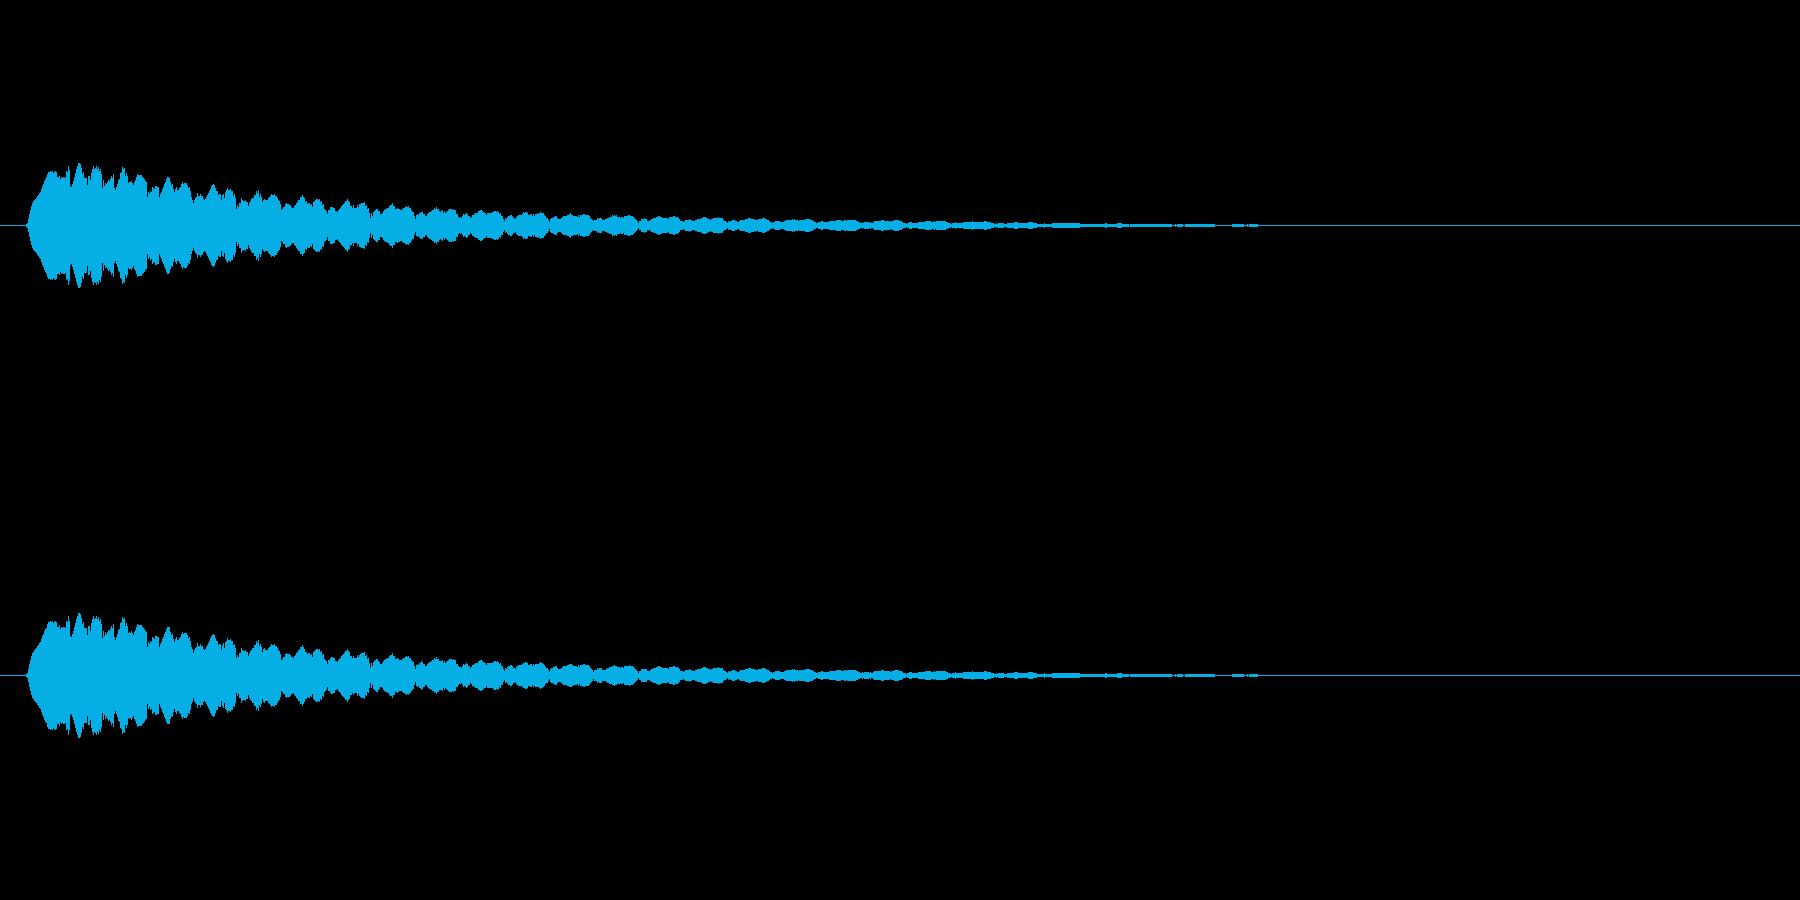 【ポップモーション17-7】の再生済みの波形